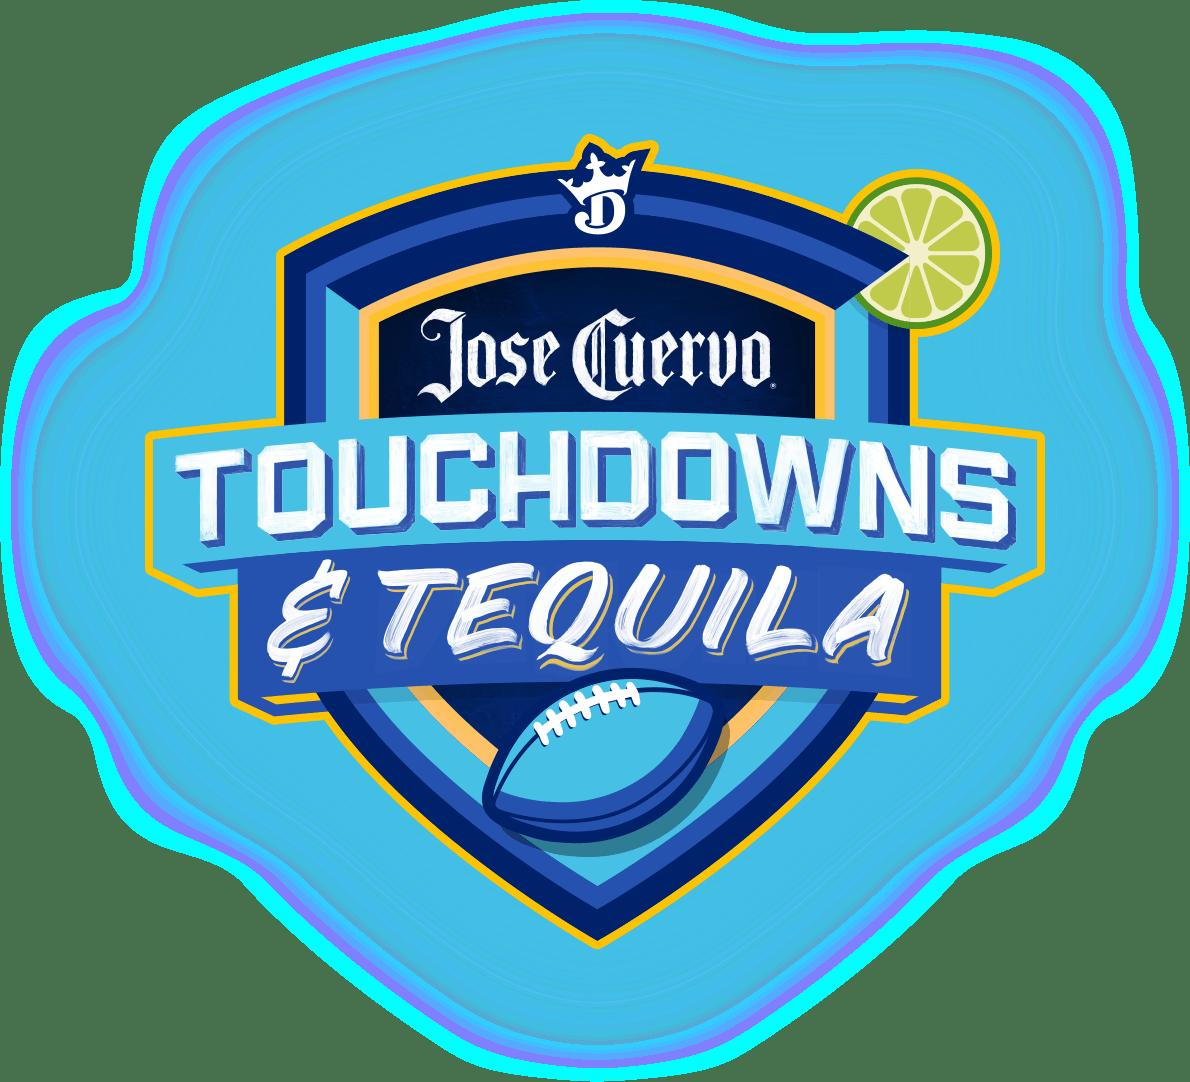 Jose Cuervo Touchdowns & Tequila